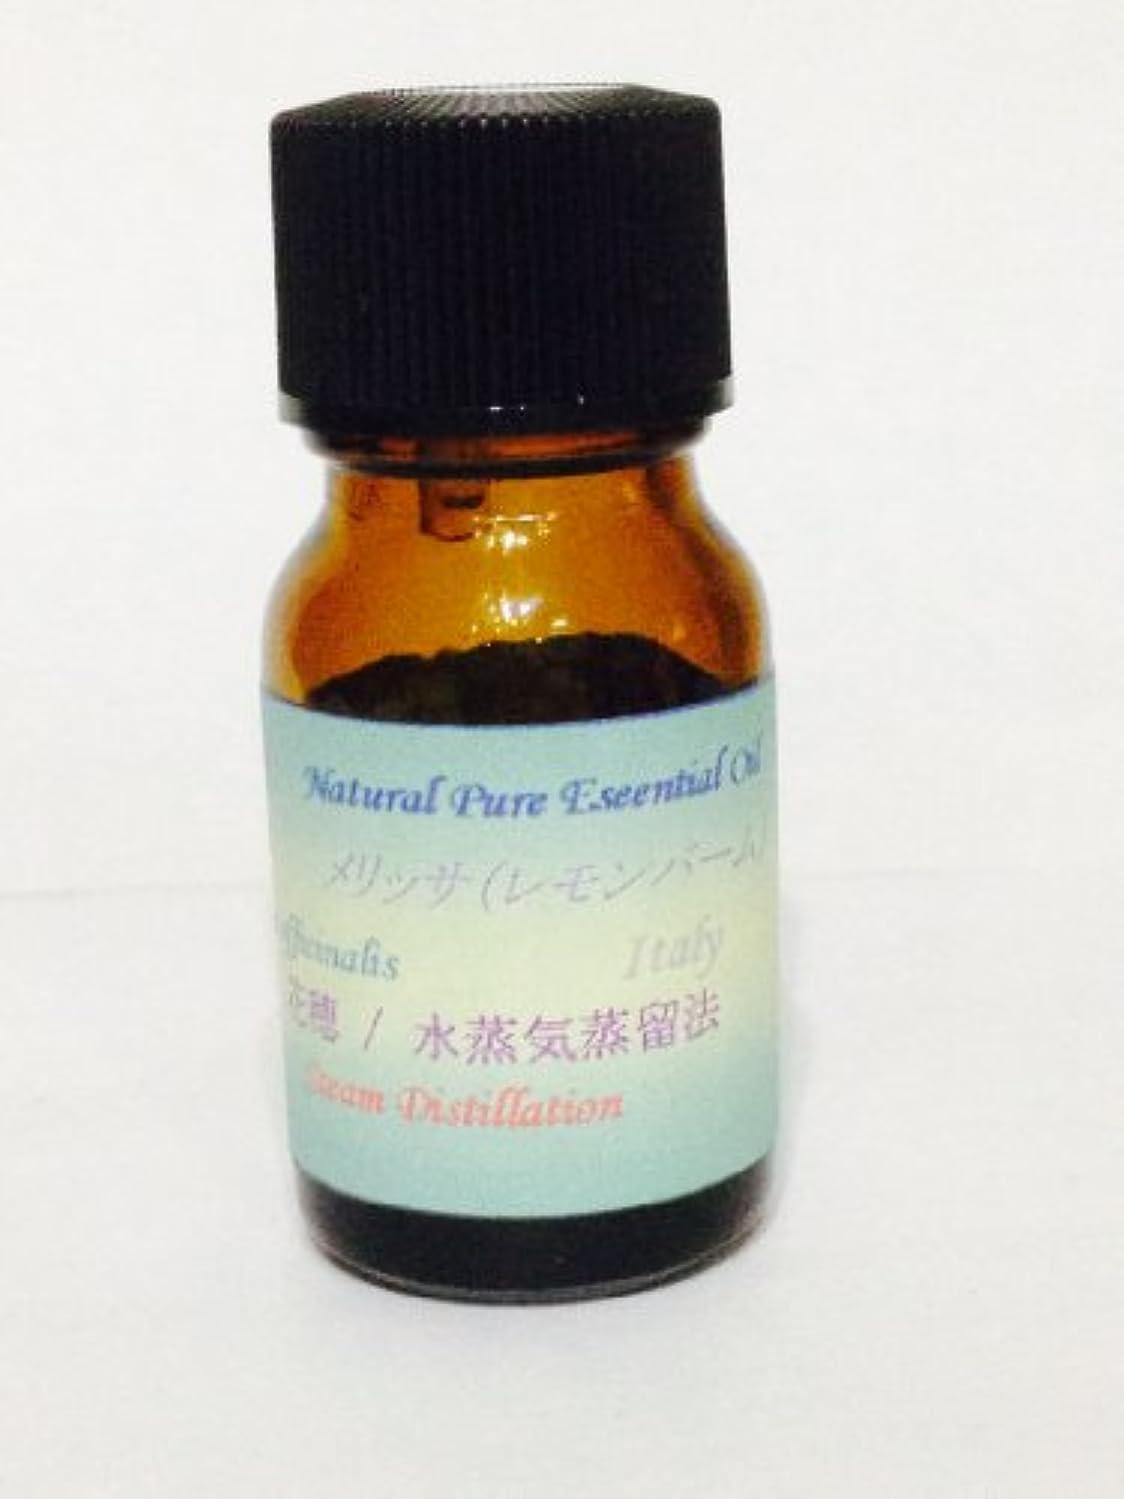 ポイント希望に満ちたふけるメリッサ (レモンバーム) 100% ピュア エッセンシャルオイル 精油 10ml